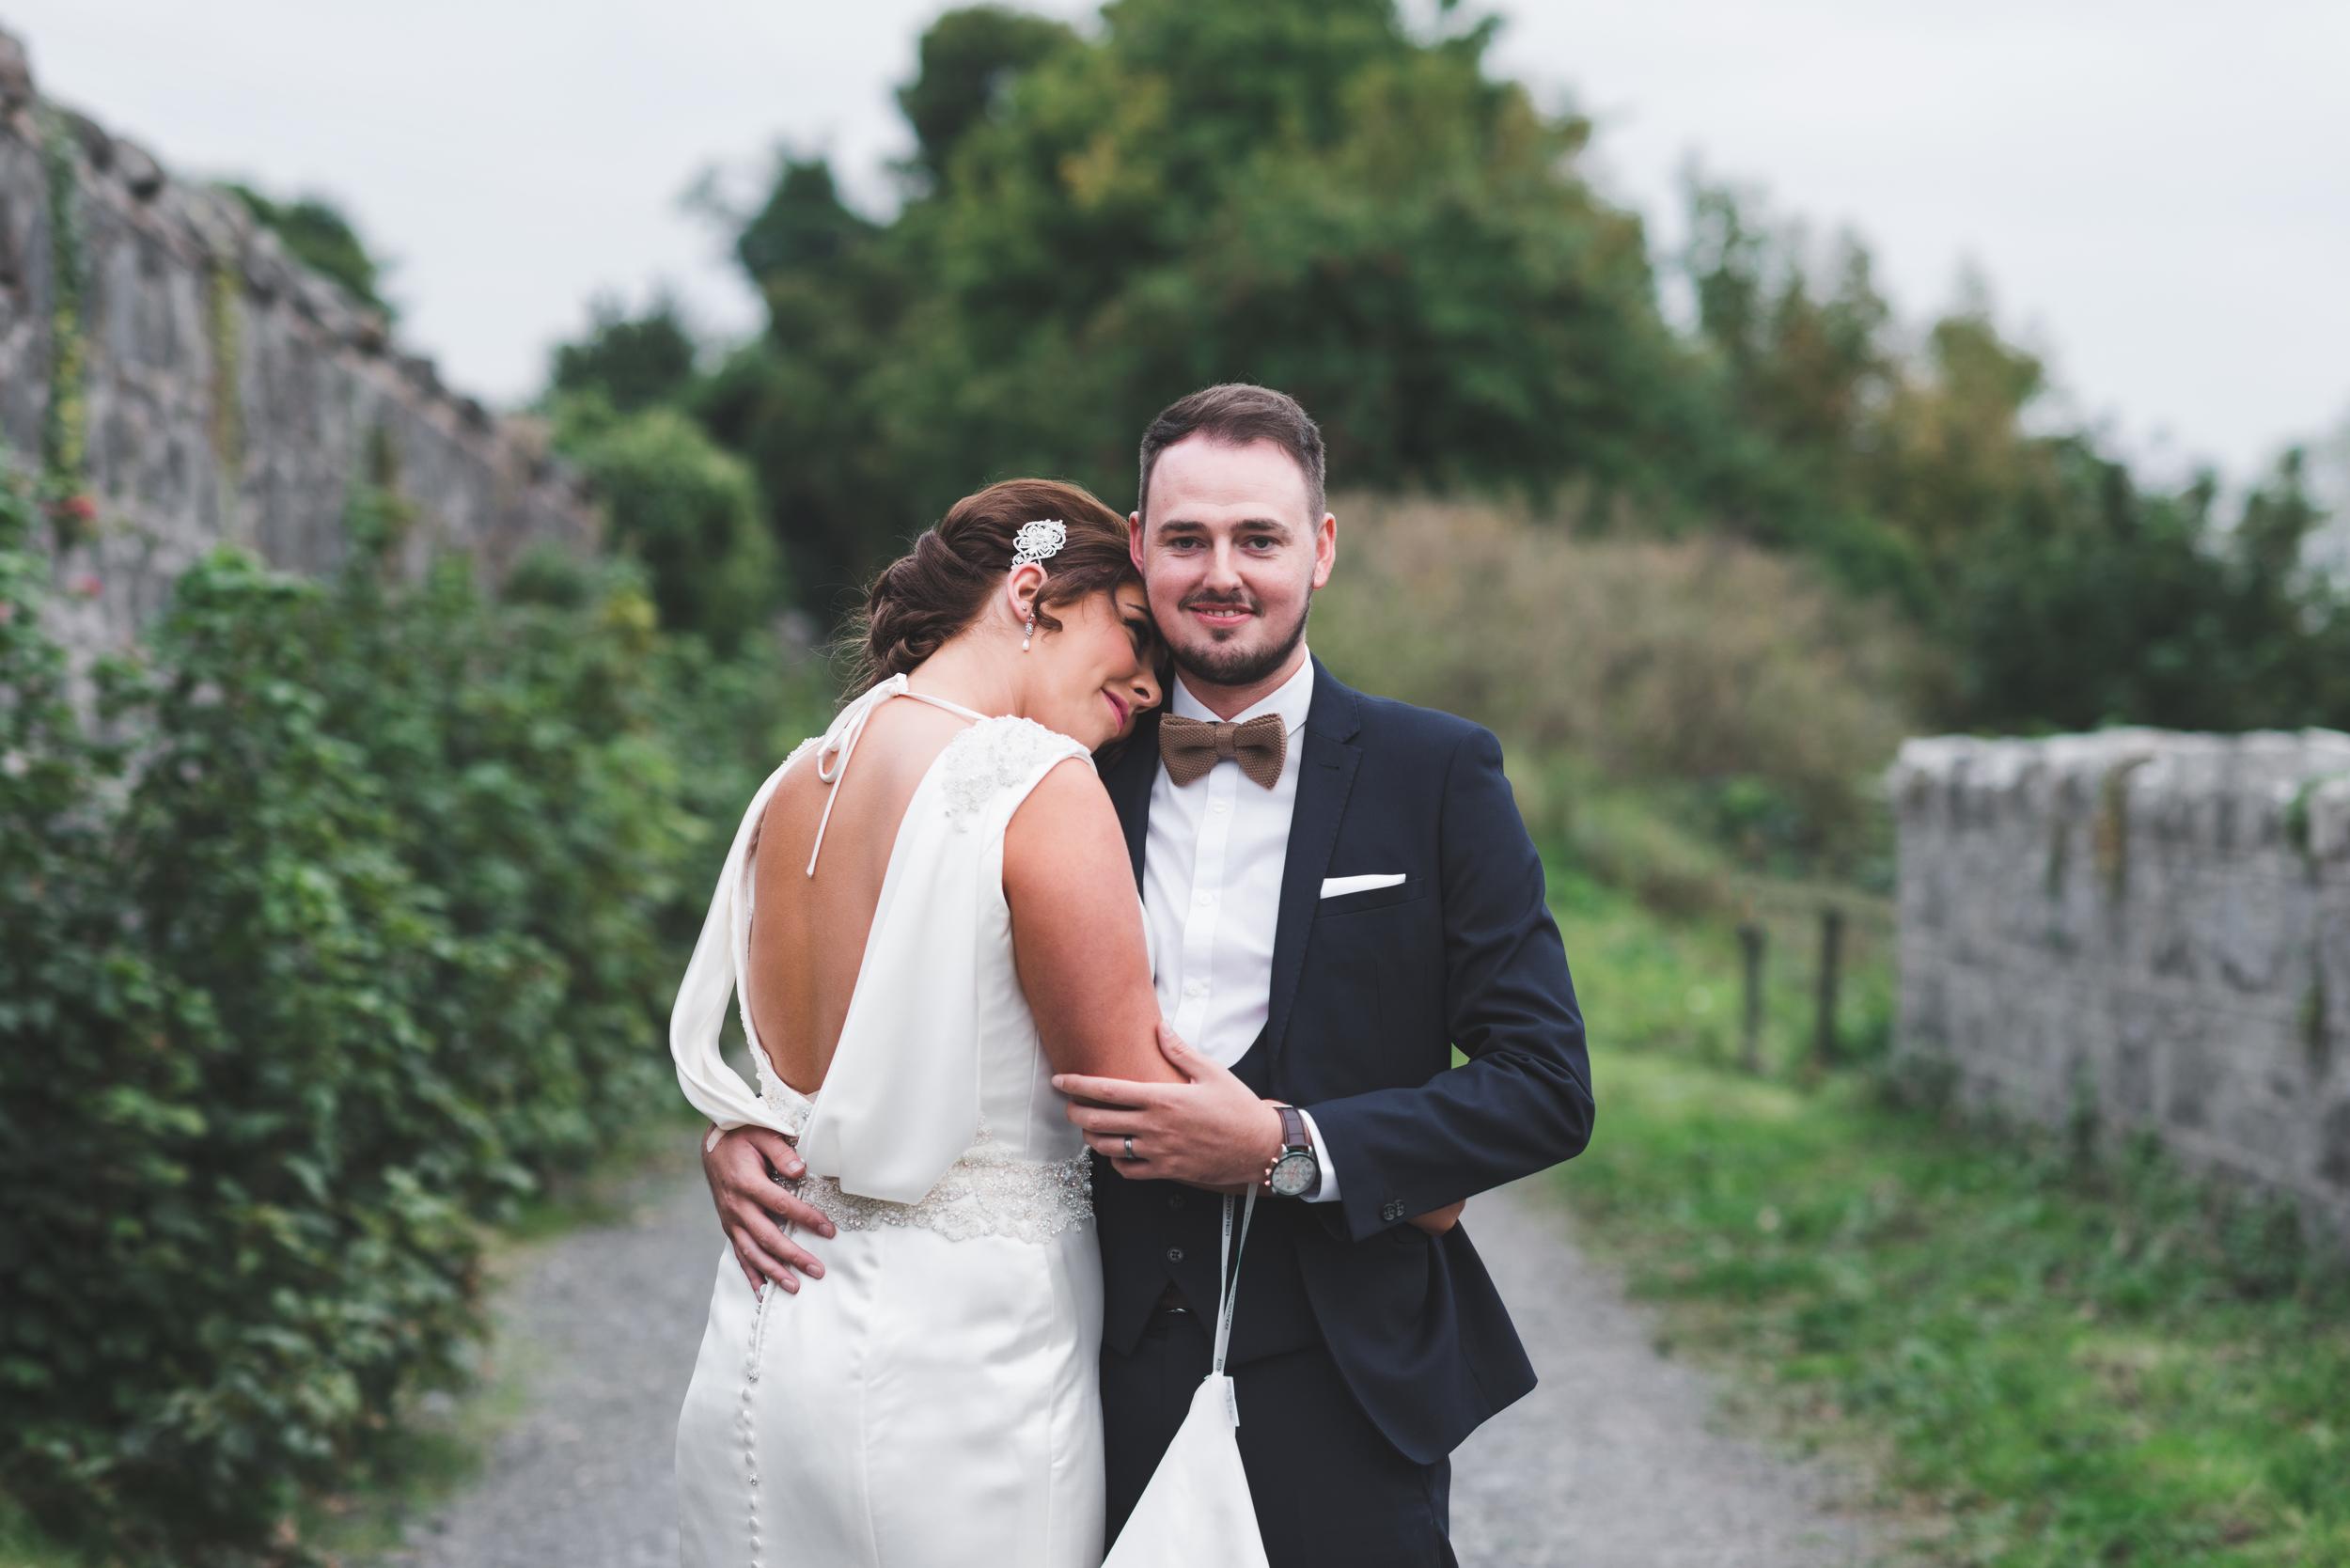 Lisburn_Wedding_Photographer_Purephotoni_Weavers_Lodge_bride_and_groom_hug